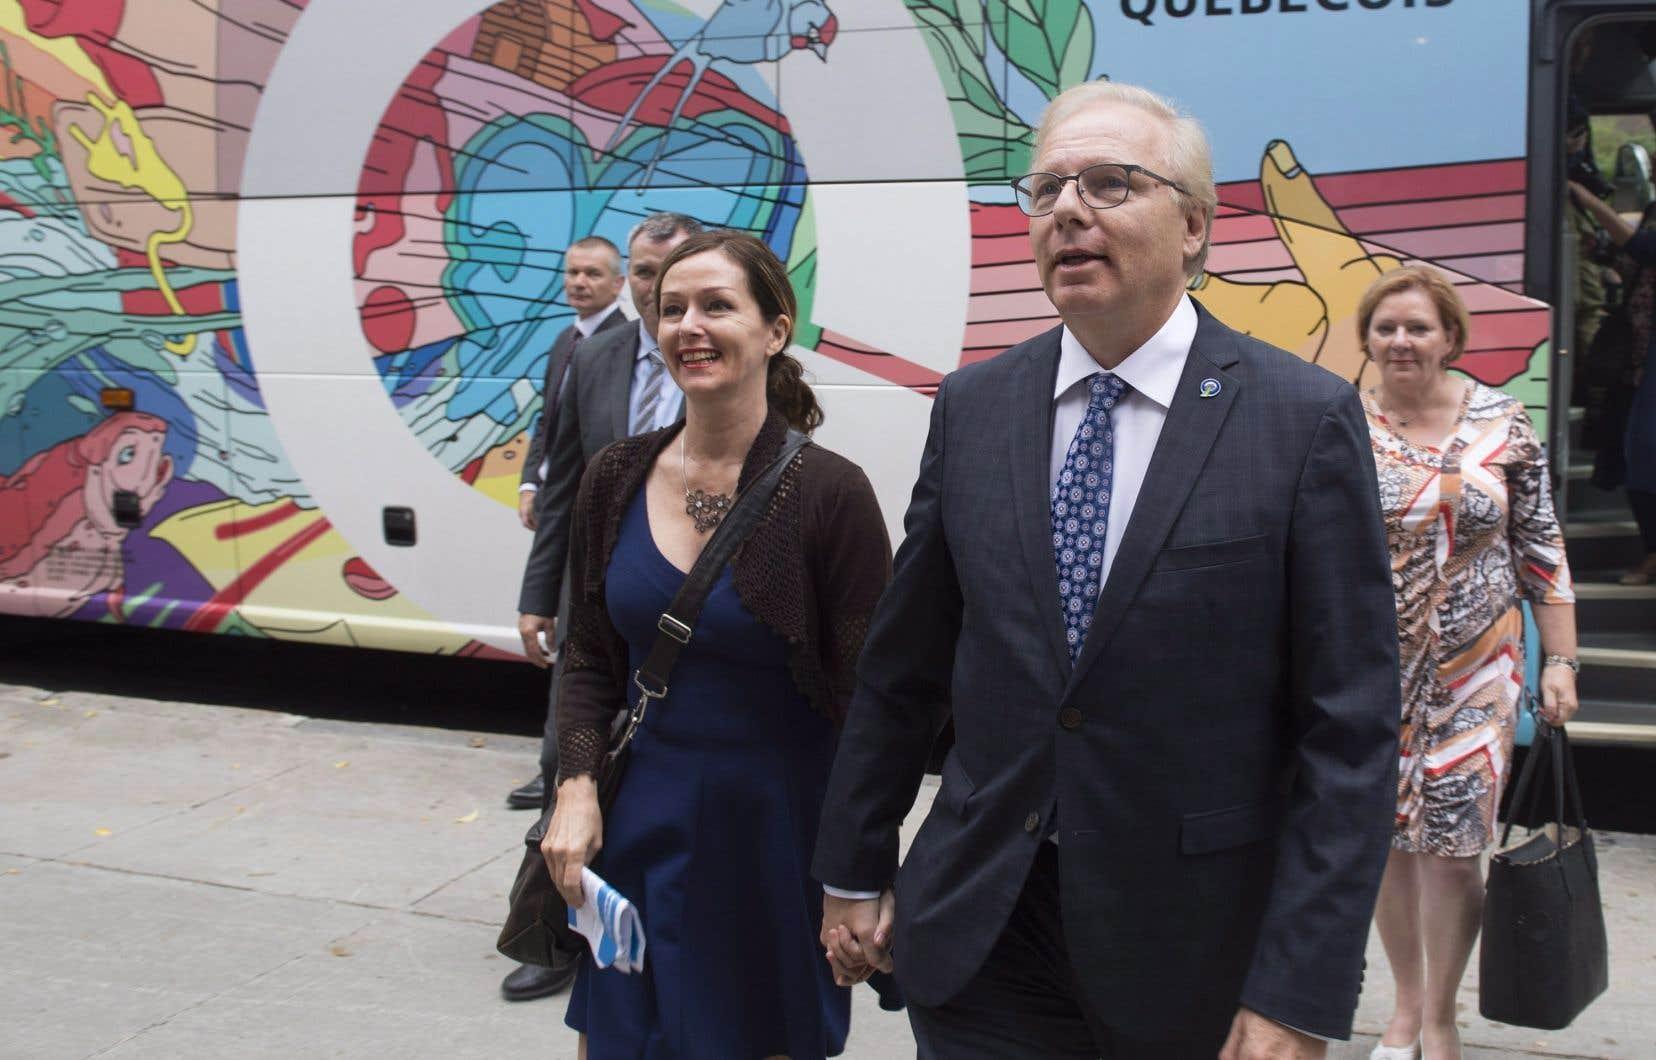 Le leader du Parti québécois estime qu'il y a «deux zones de danger» dans les négociations actuelles autour de l'ALENA; il craint l'abandon des quotas de lait et de l'exception culturelle.